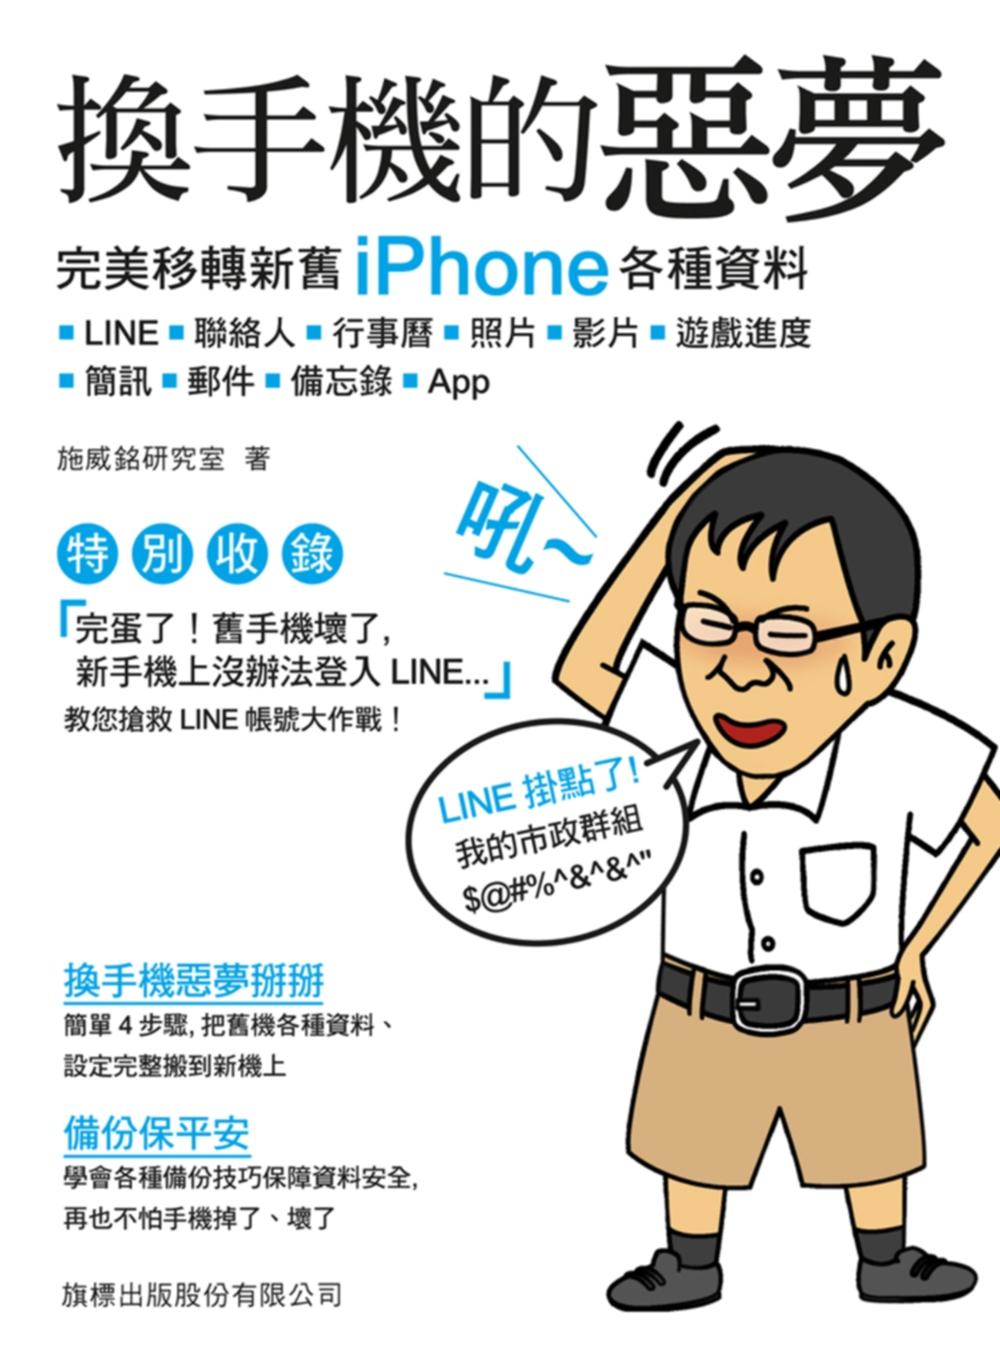 換手機的惡夢:完美移轉新舊 iPhone 各種資料: LINE、聯絡人、行事曆、照片、影片